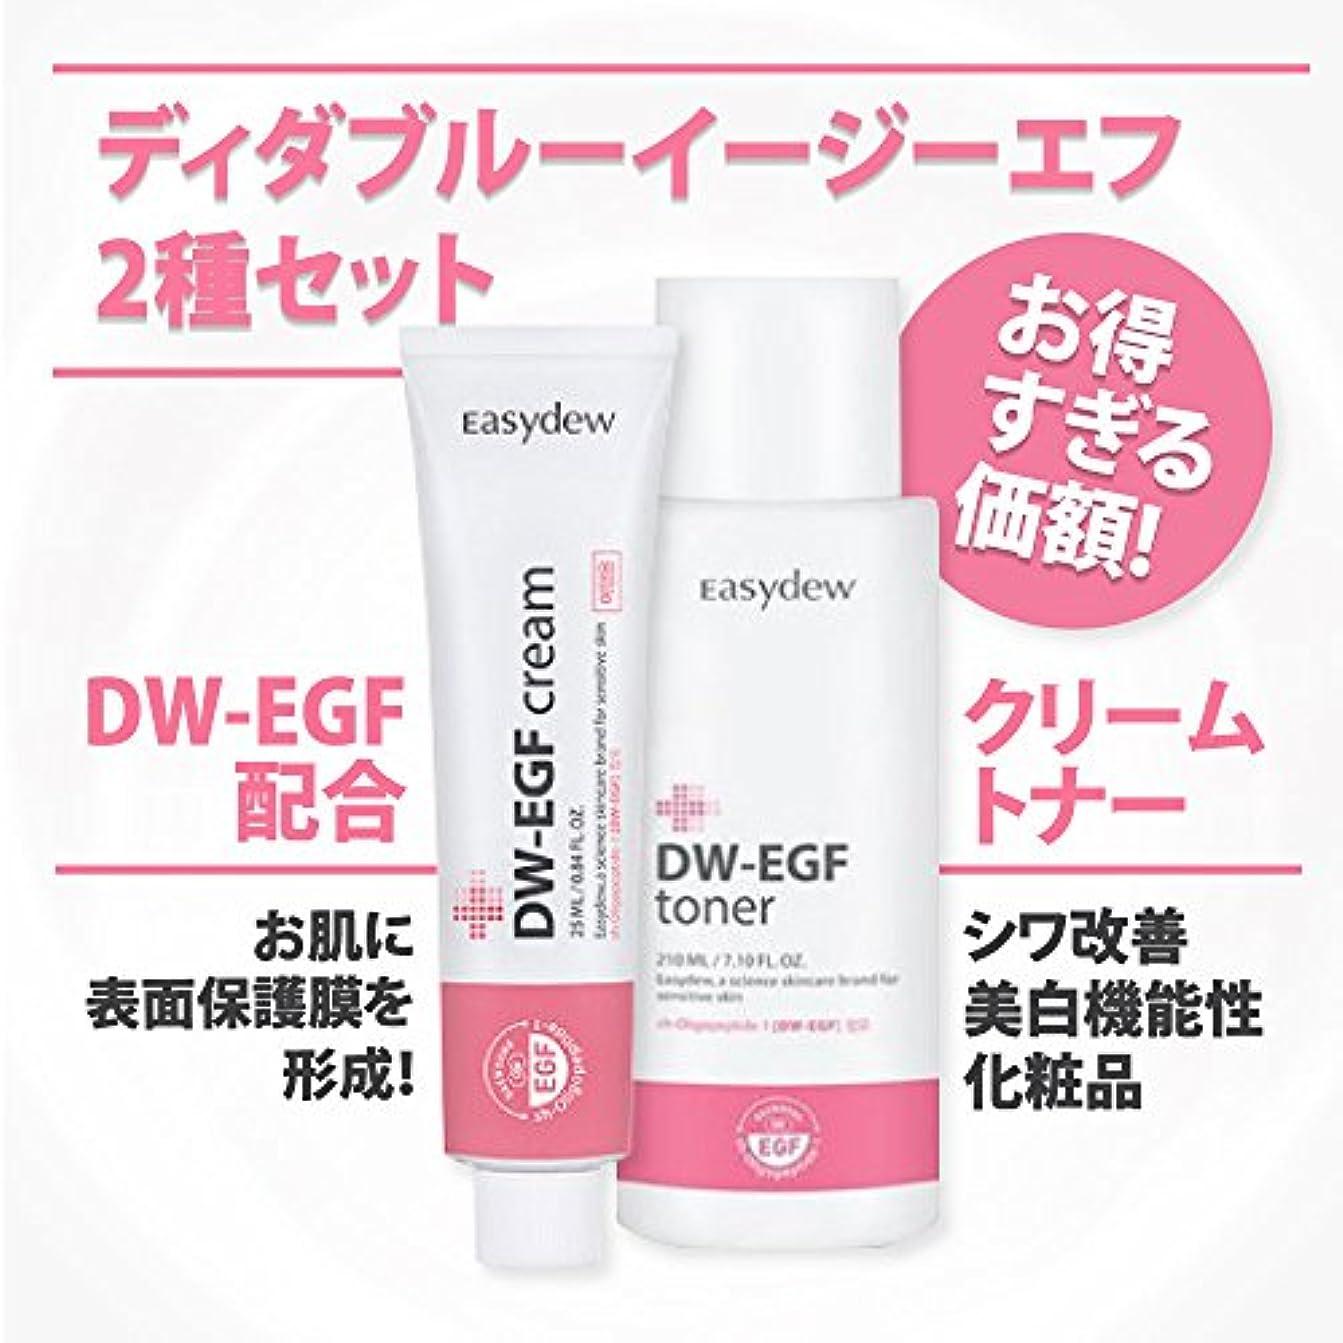 飛行場お祝い劇場Easydew DW-EGF 化粧水 210ml クリーム 50ml セット Easydew DW-EGF Toner Cream Set 人気 スキンケア セット